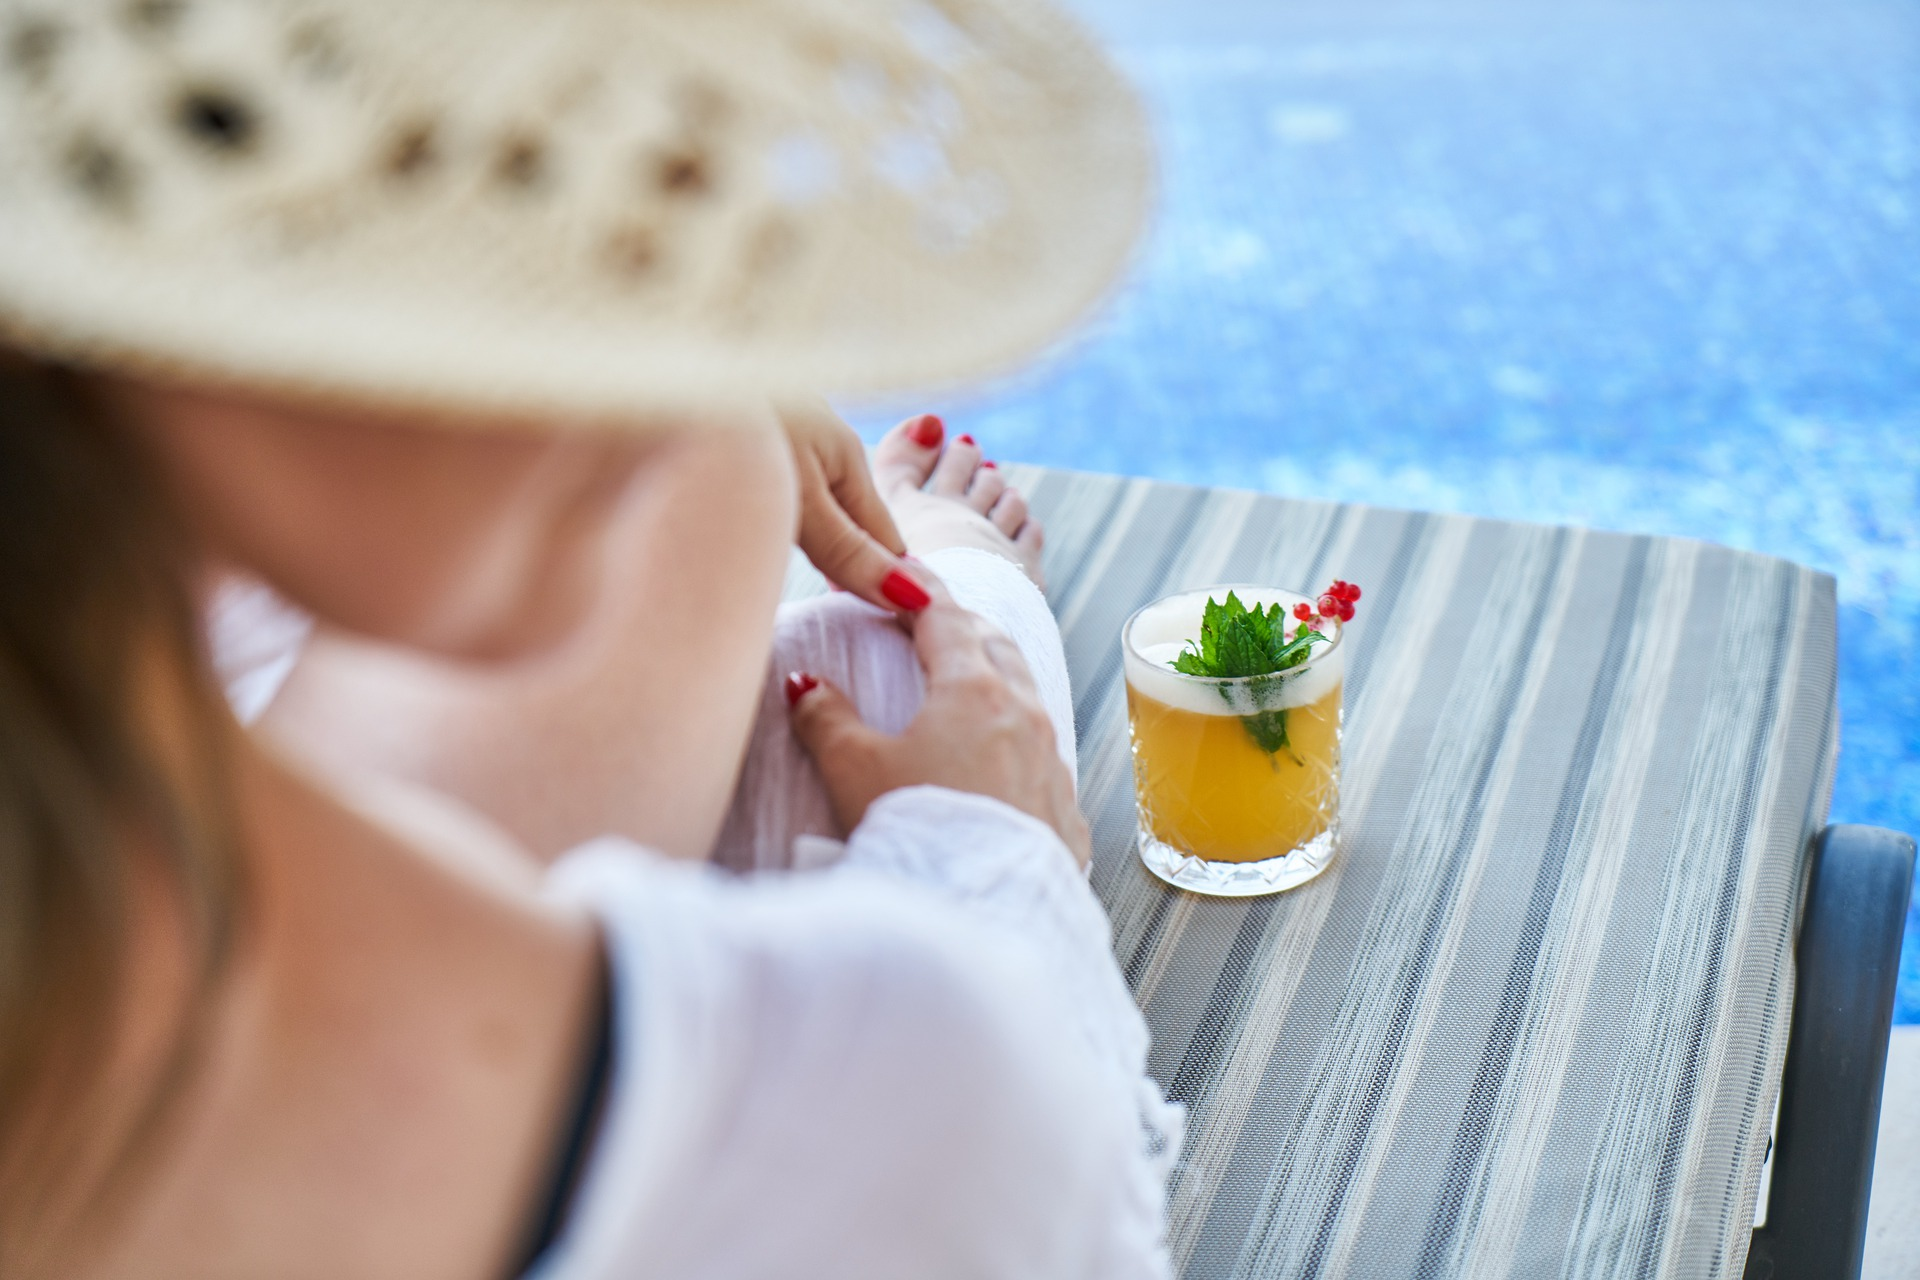 Mujer disfrutando de sus vacaciones en un hotel